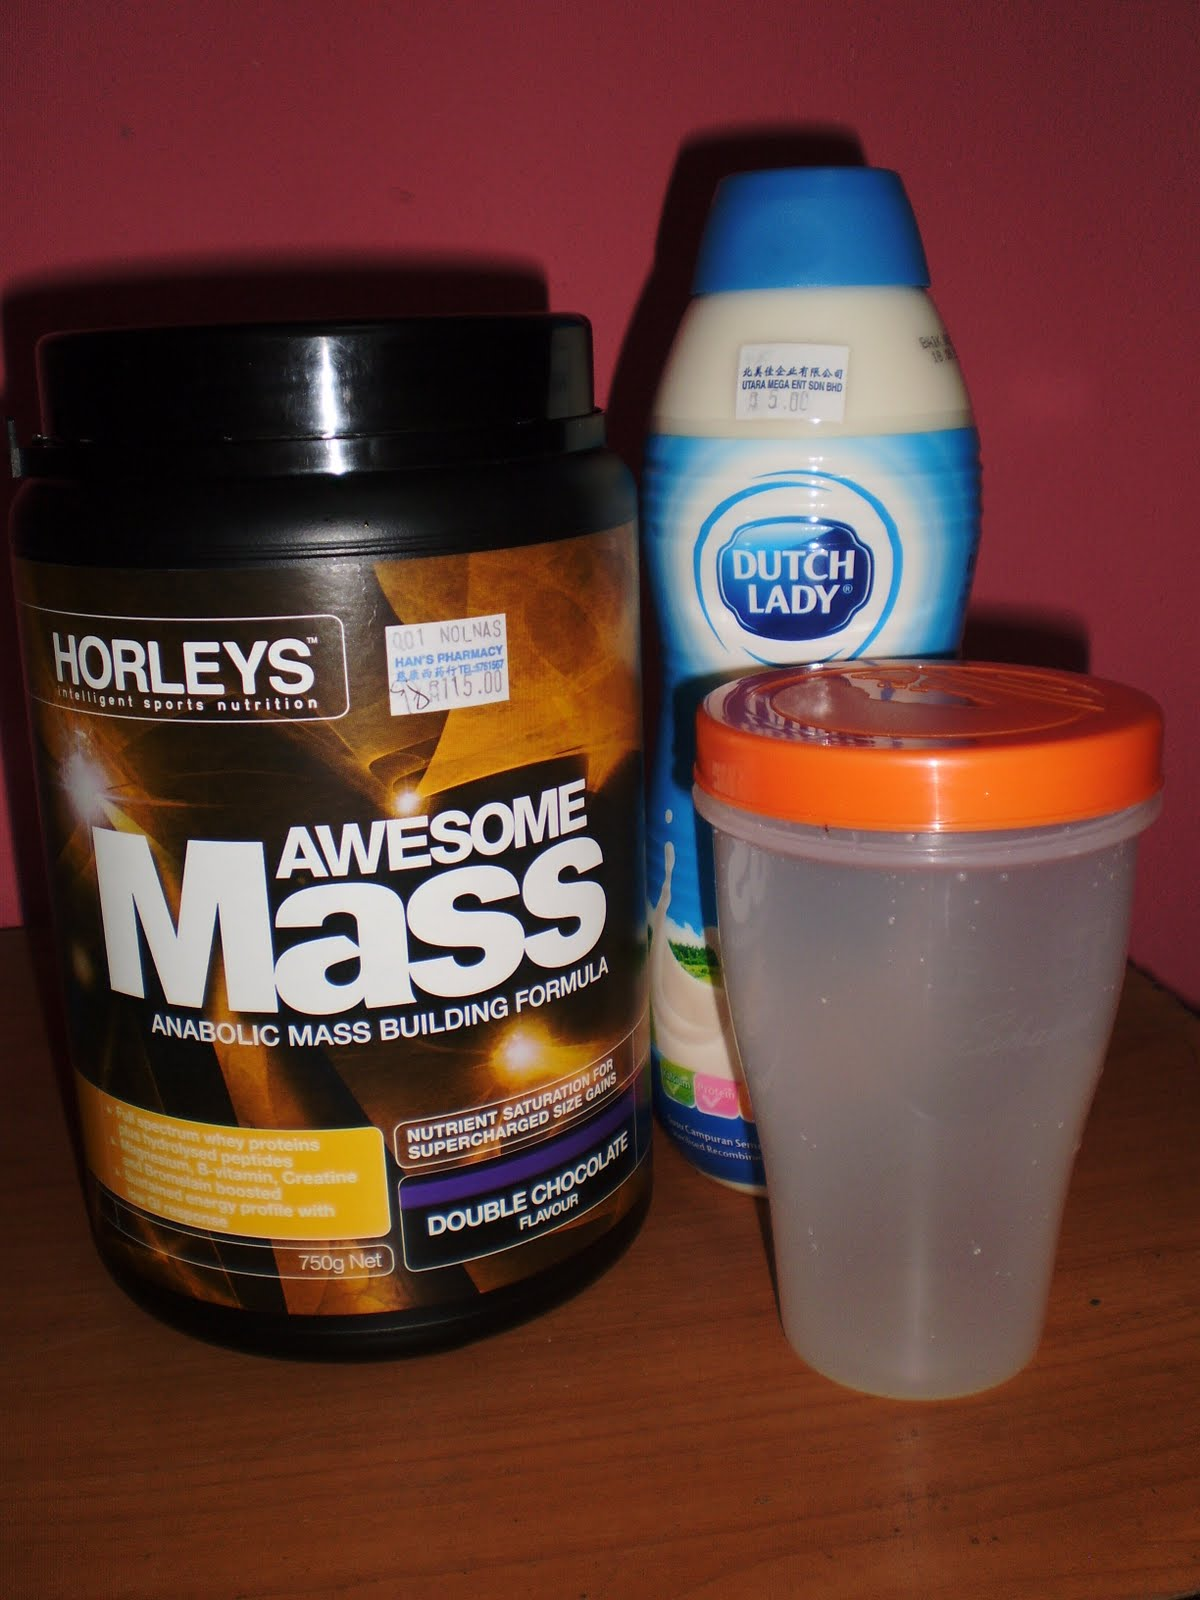 15 Daftar Susu Penggemuk dan Penambah Berat Badan Yang Bagus